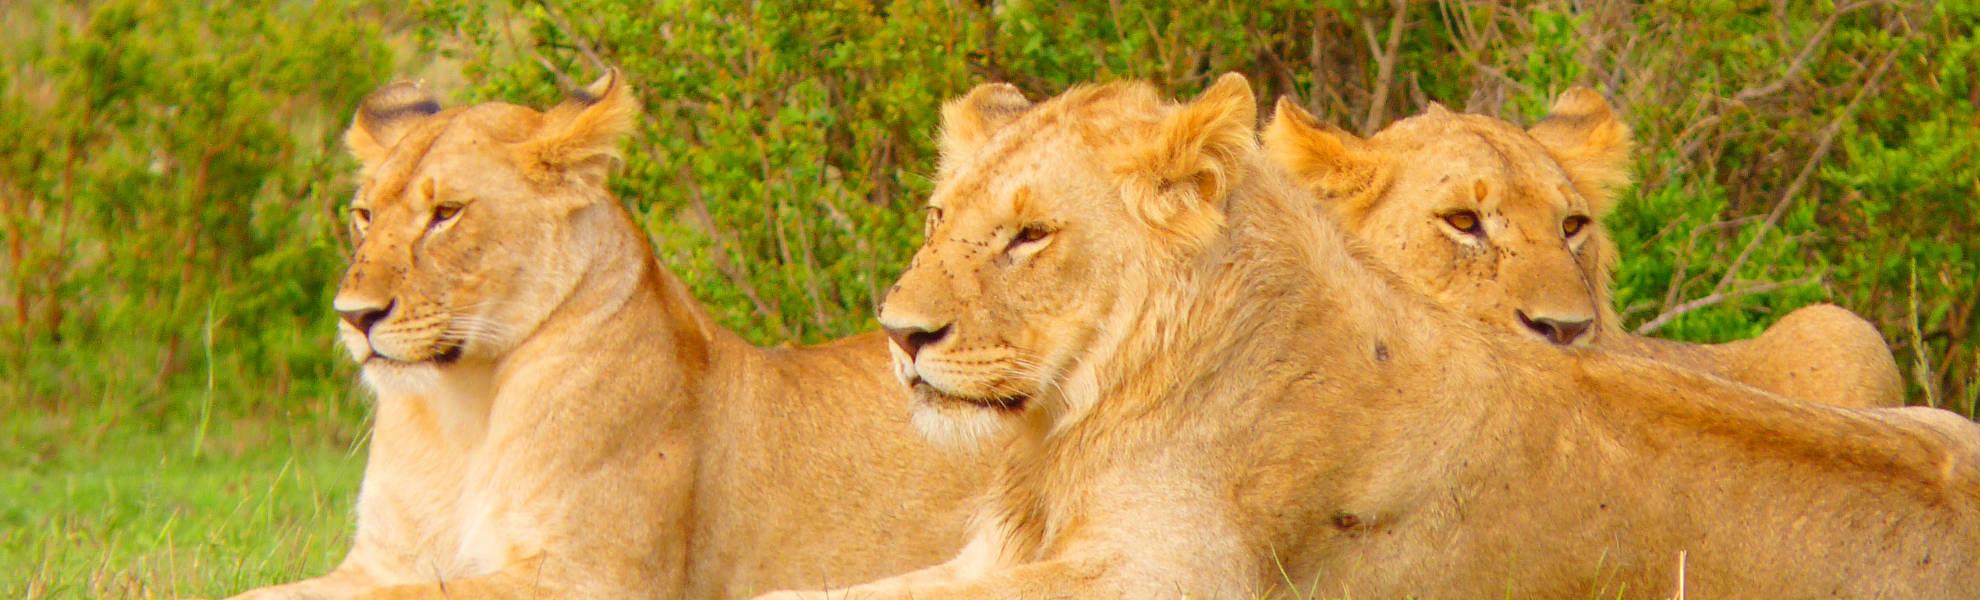 Löwinnen in der Masai Mara